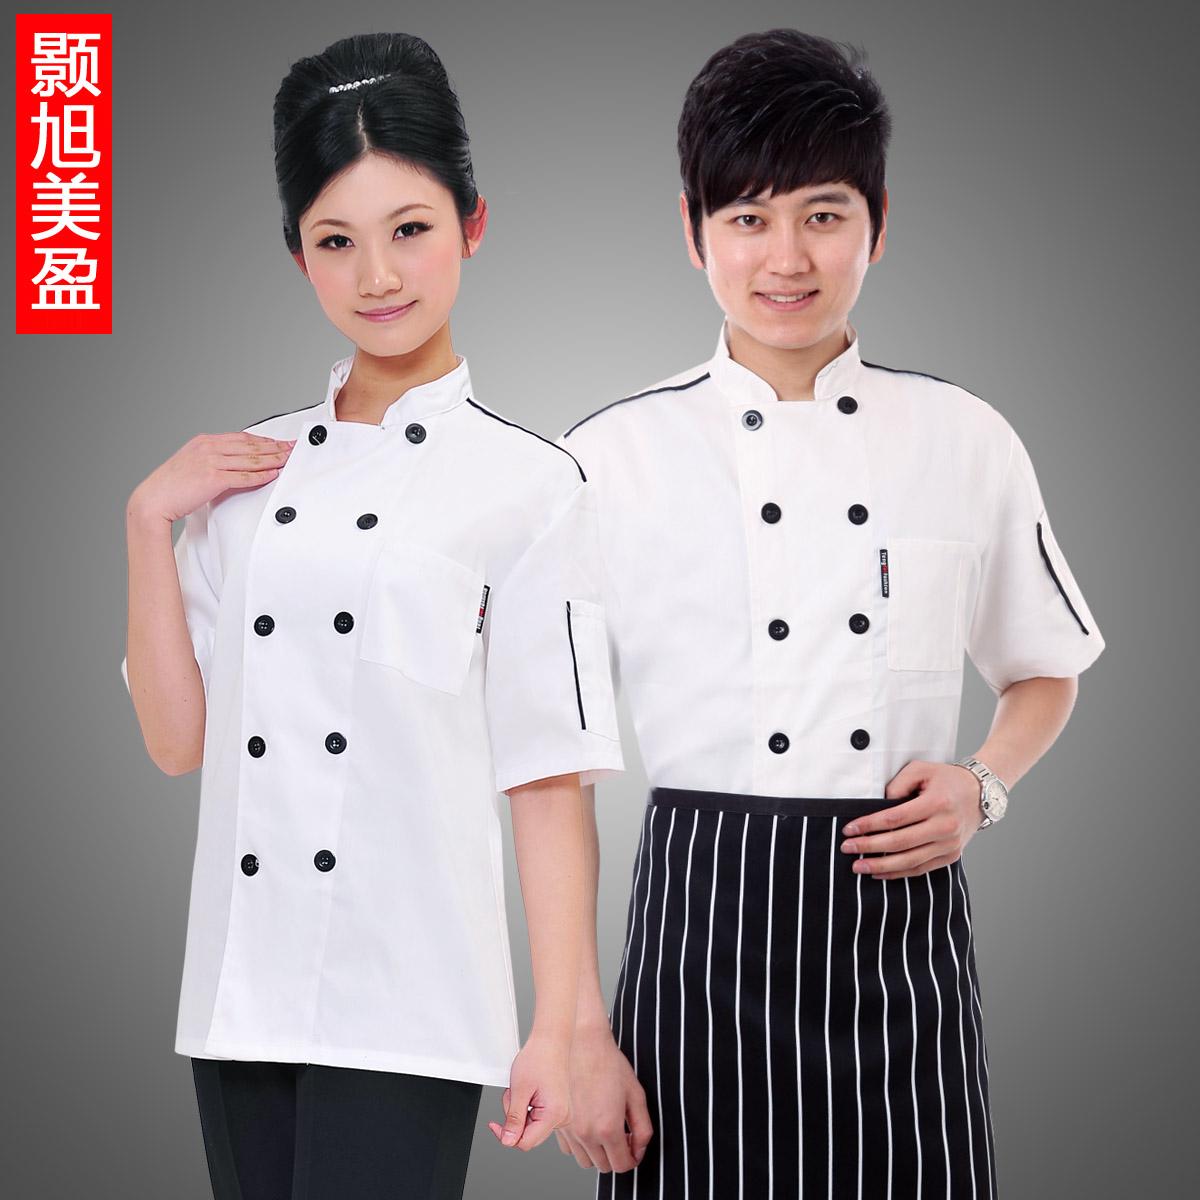 酒店工作服夏装 西餐厅厨师长厨师制服男女款餐厅工服白色短袖